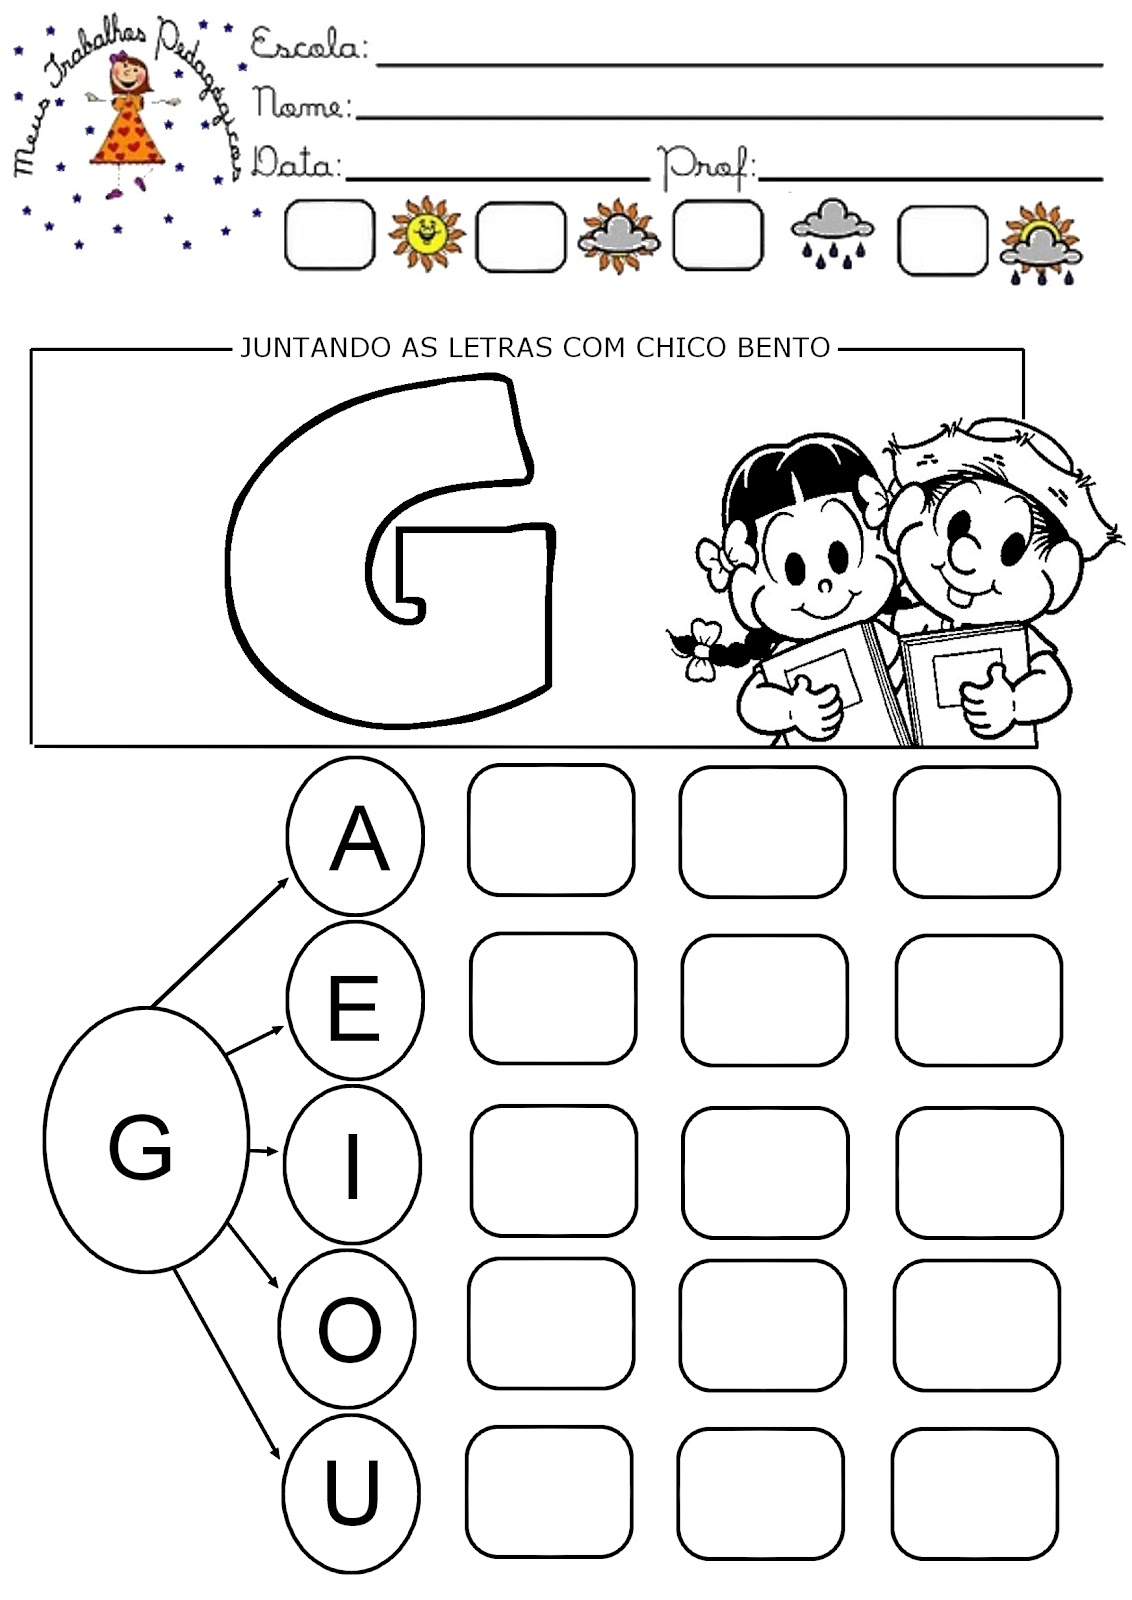 Conhecido Pedagogia Século XXI: Junção das Letras com Chico Bento SS42